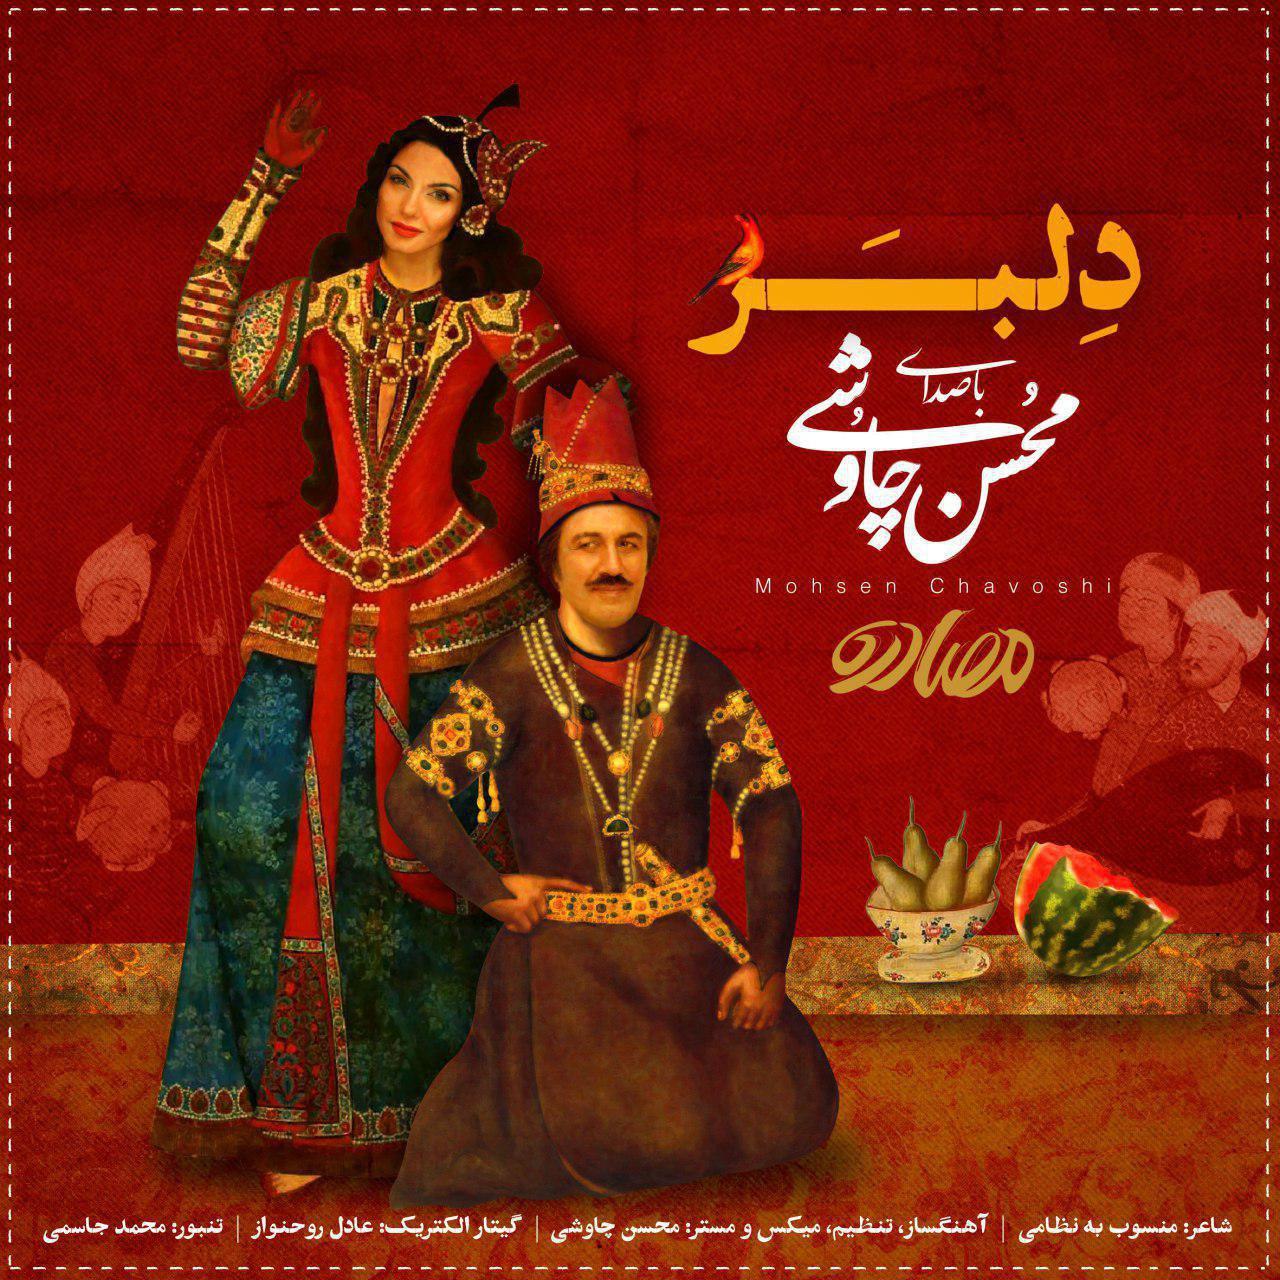 دانلود آهنگ  محسن چاووشی بنام دلبر